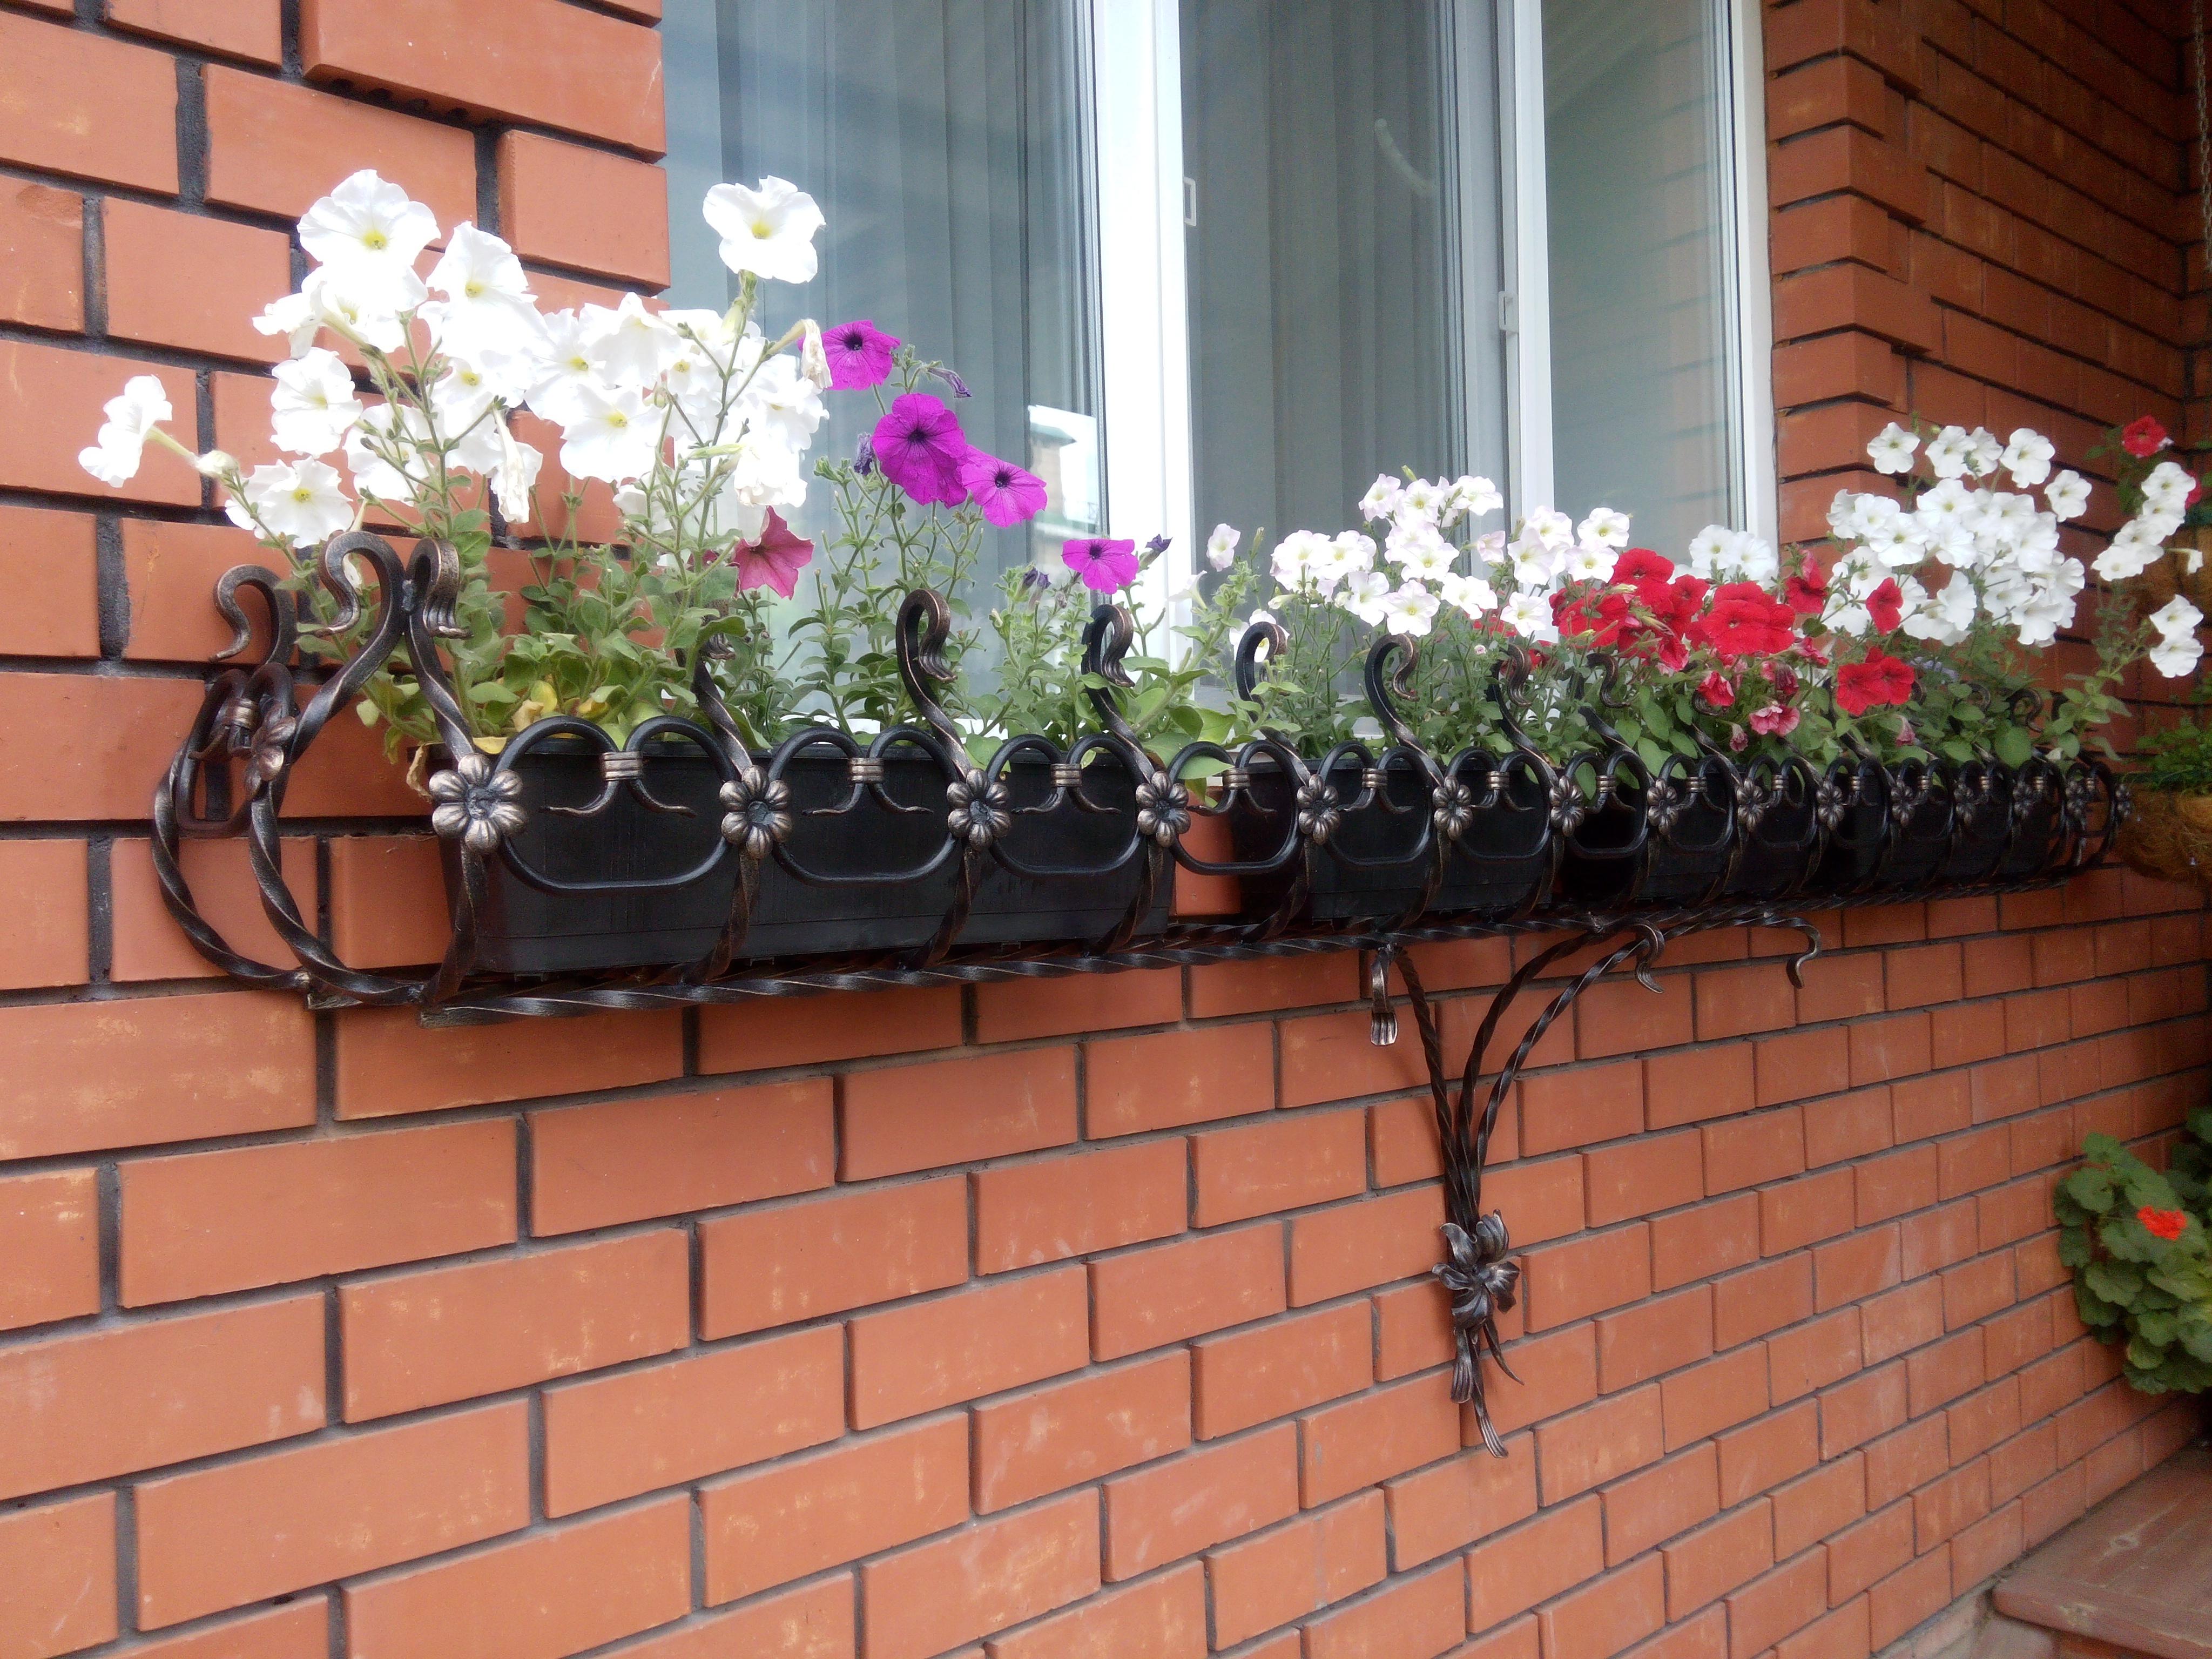 кованные подставки для цветов под окно